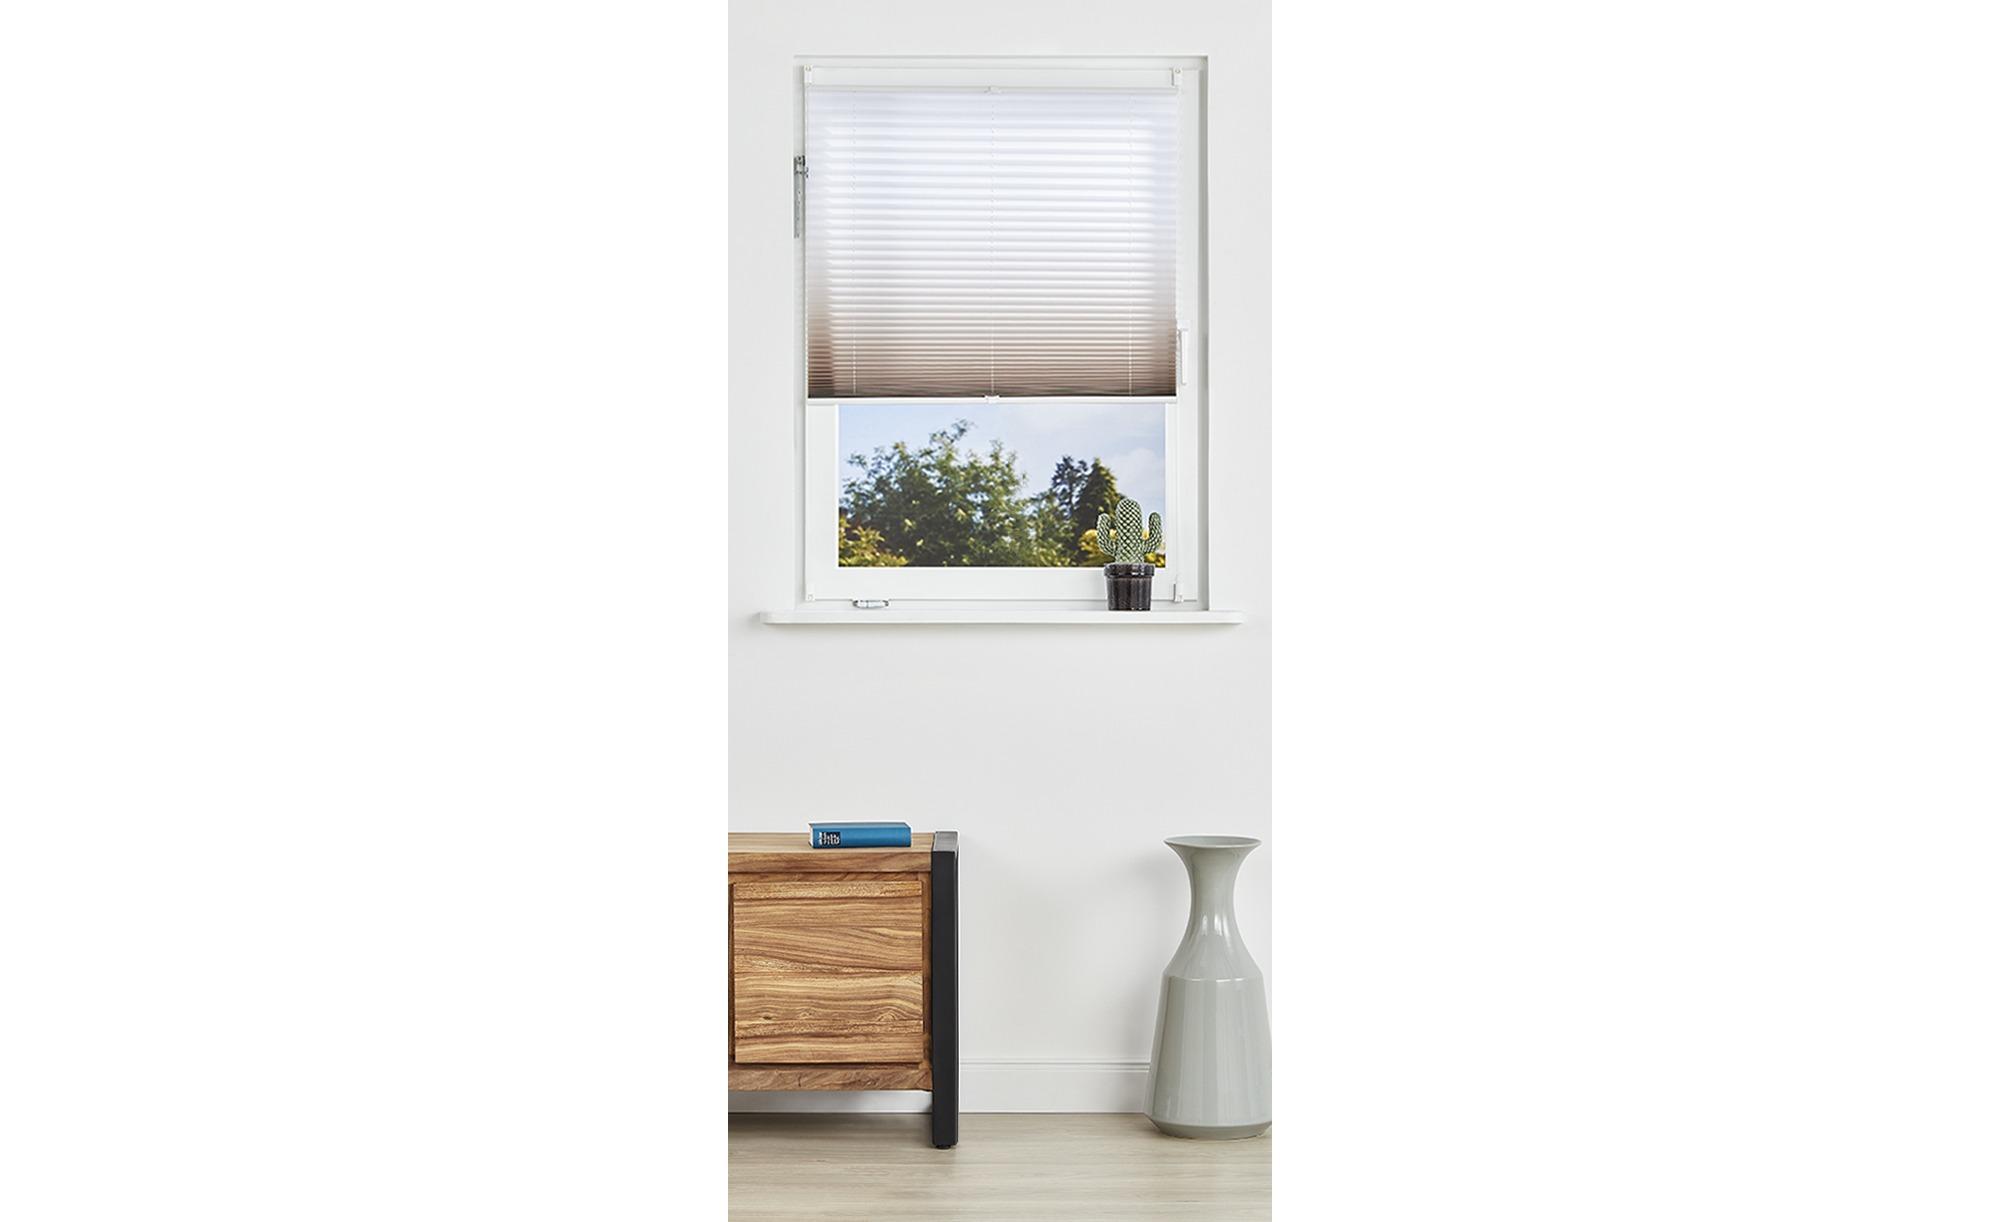 Klemmfix-Plissee - braun - 100% Polyester - 90 cm - Gardinen & Vorhänge > Rollos & Sonnenschutz > Plissees - Möbel Kraft | Heimtextilien > Gardinen und Vorhänge > Vorhänge | Sconto